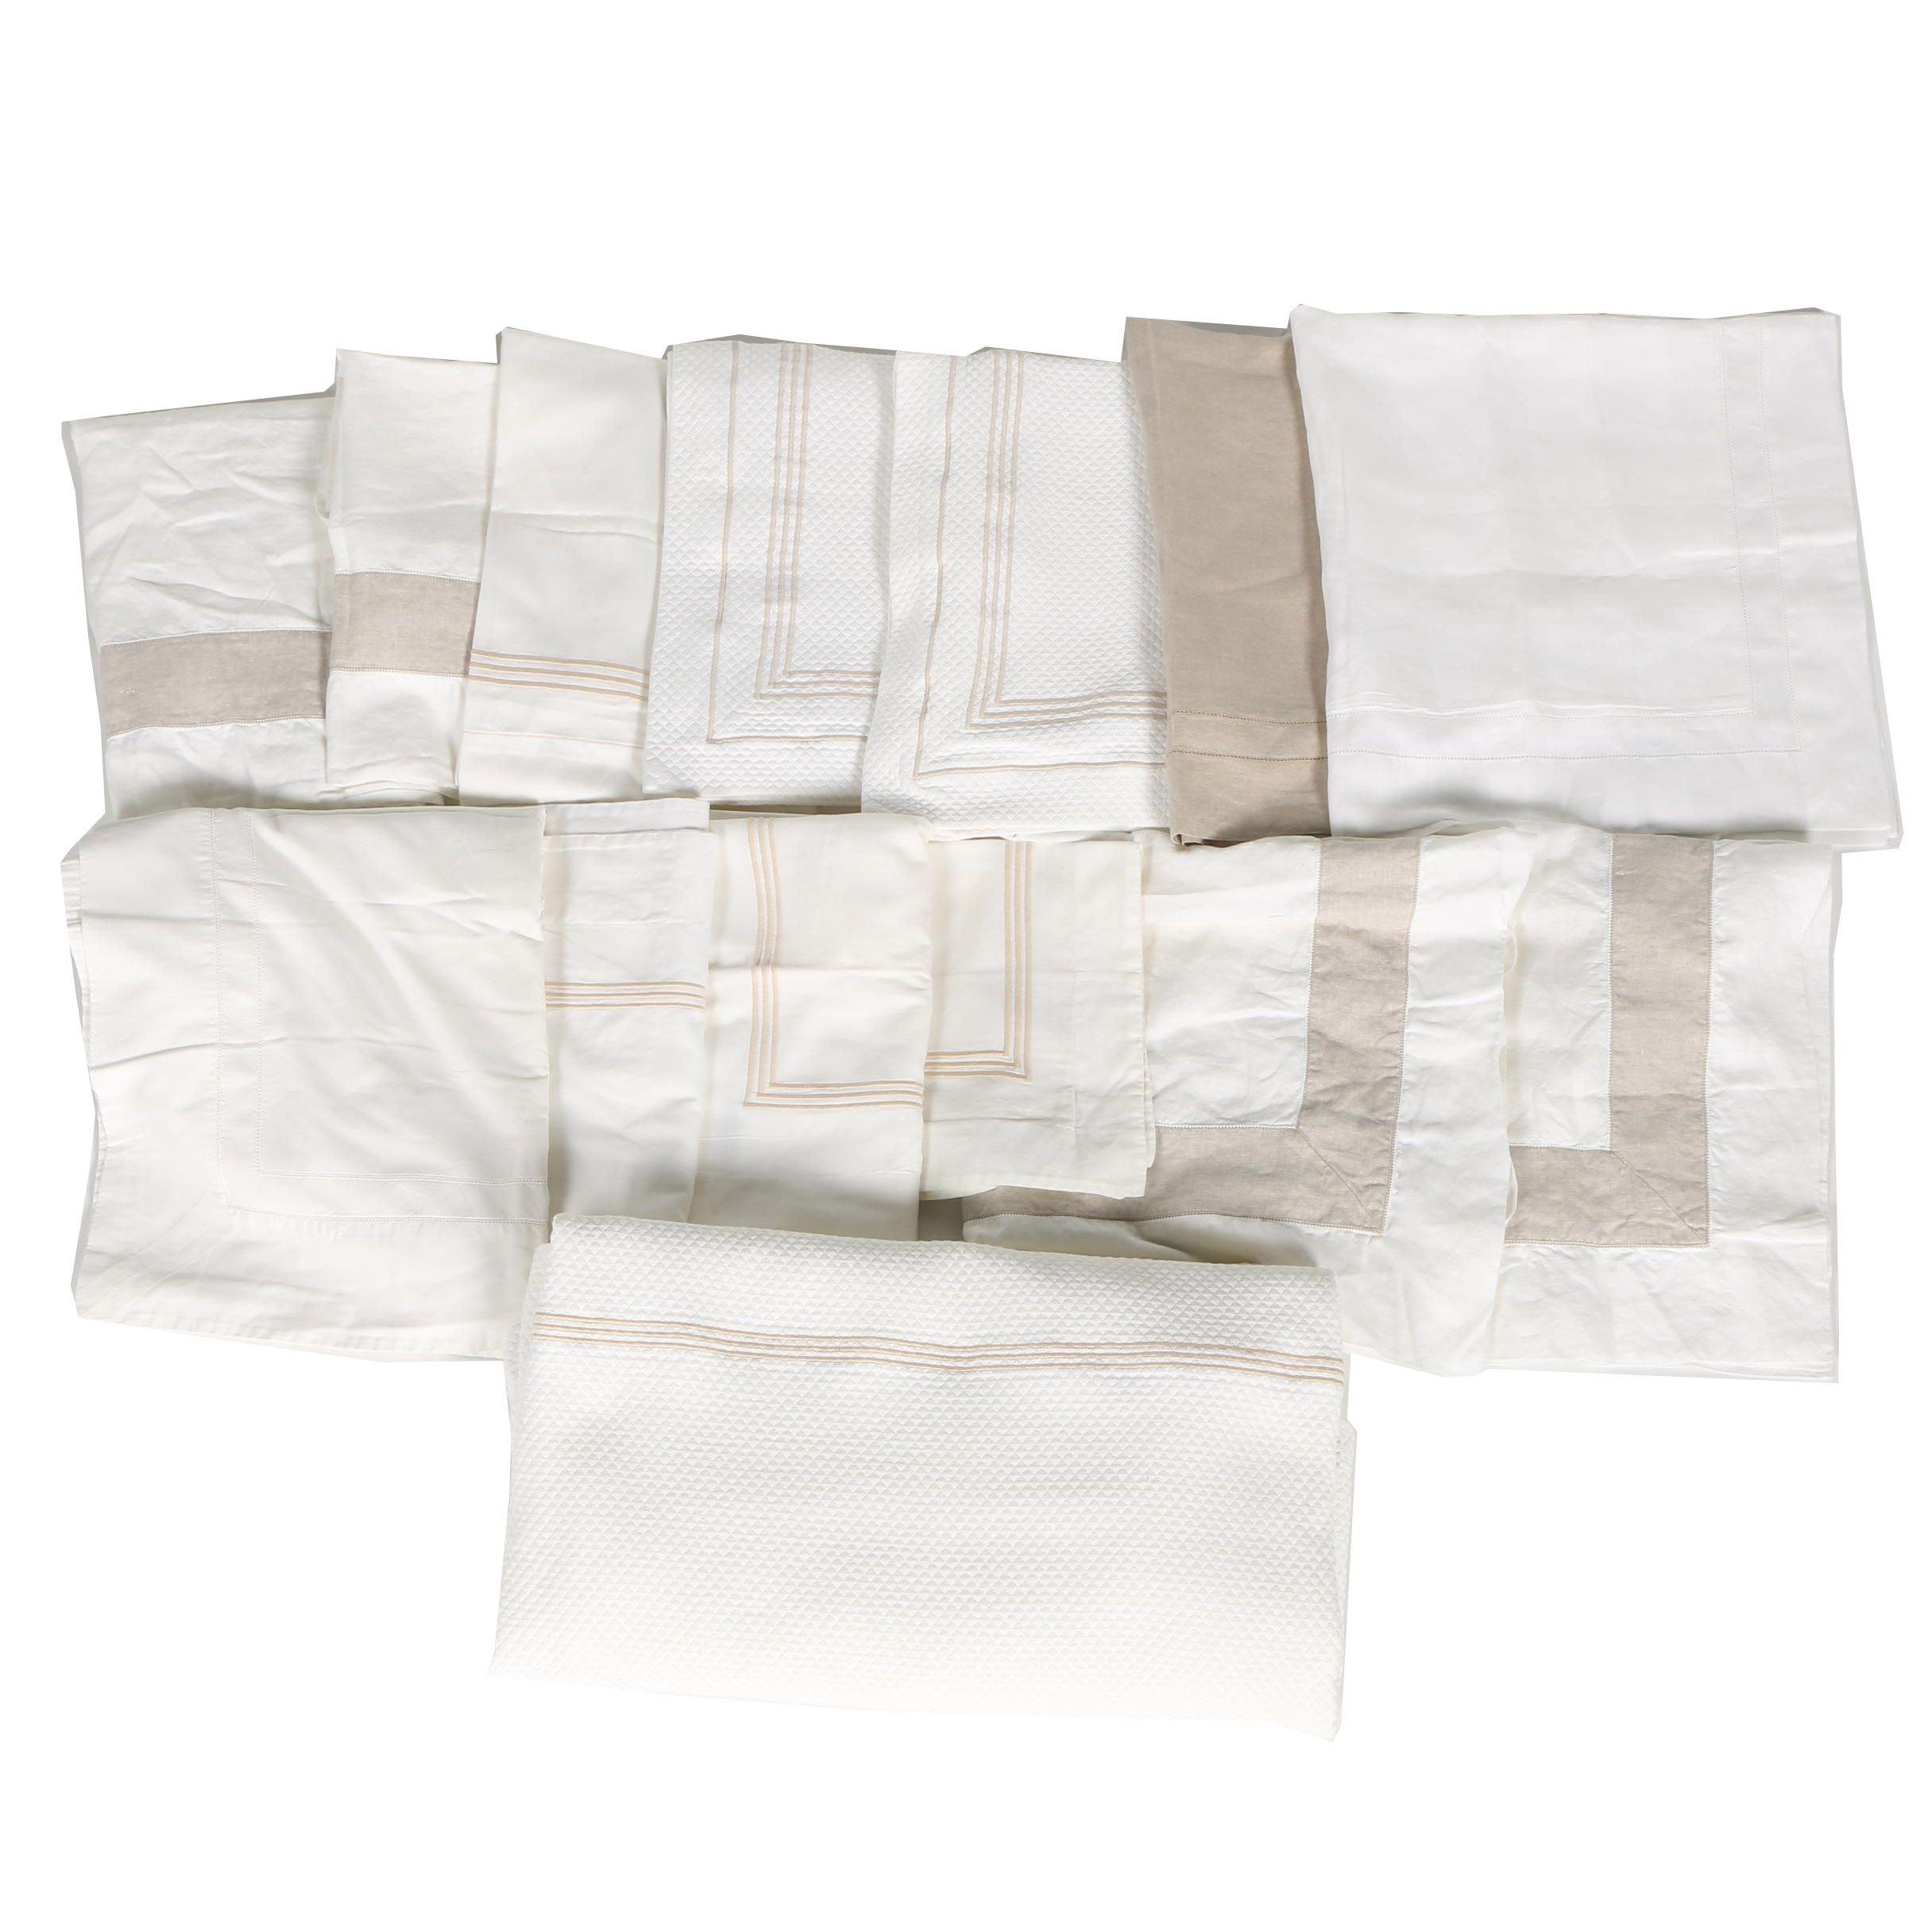 Assortment of Italian Frette Luxury Linens in White and Khaki